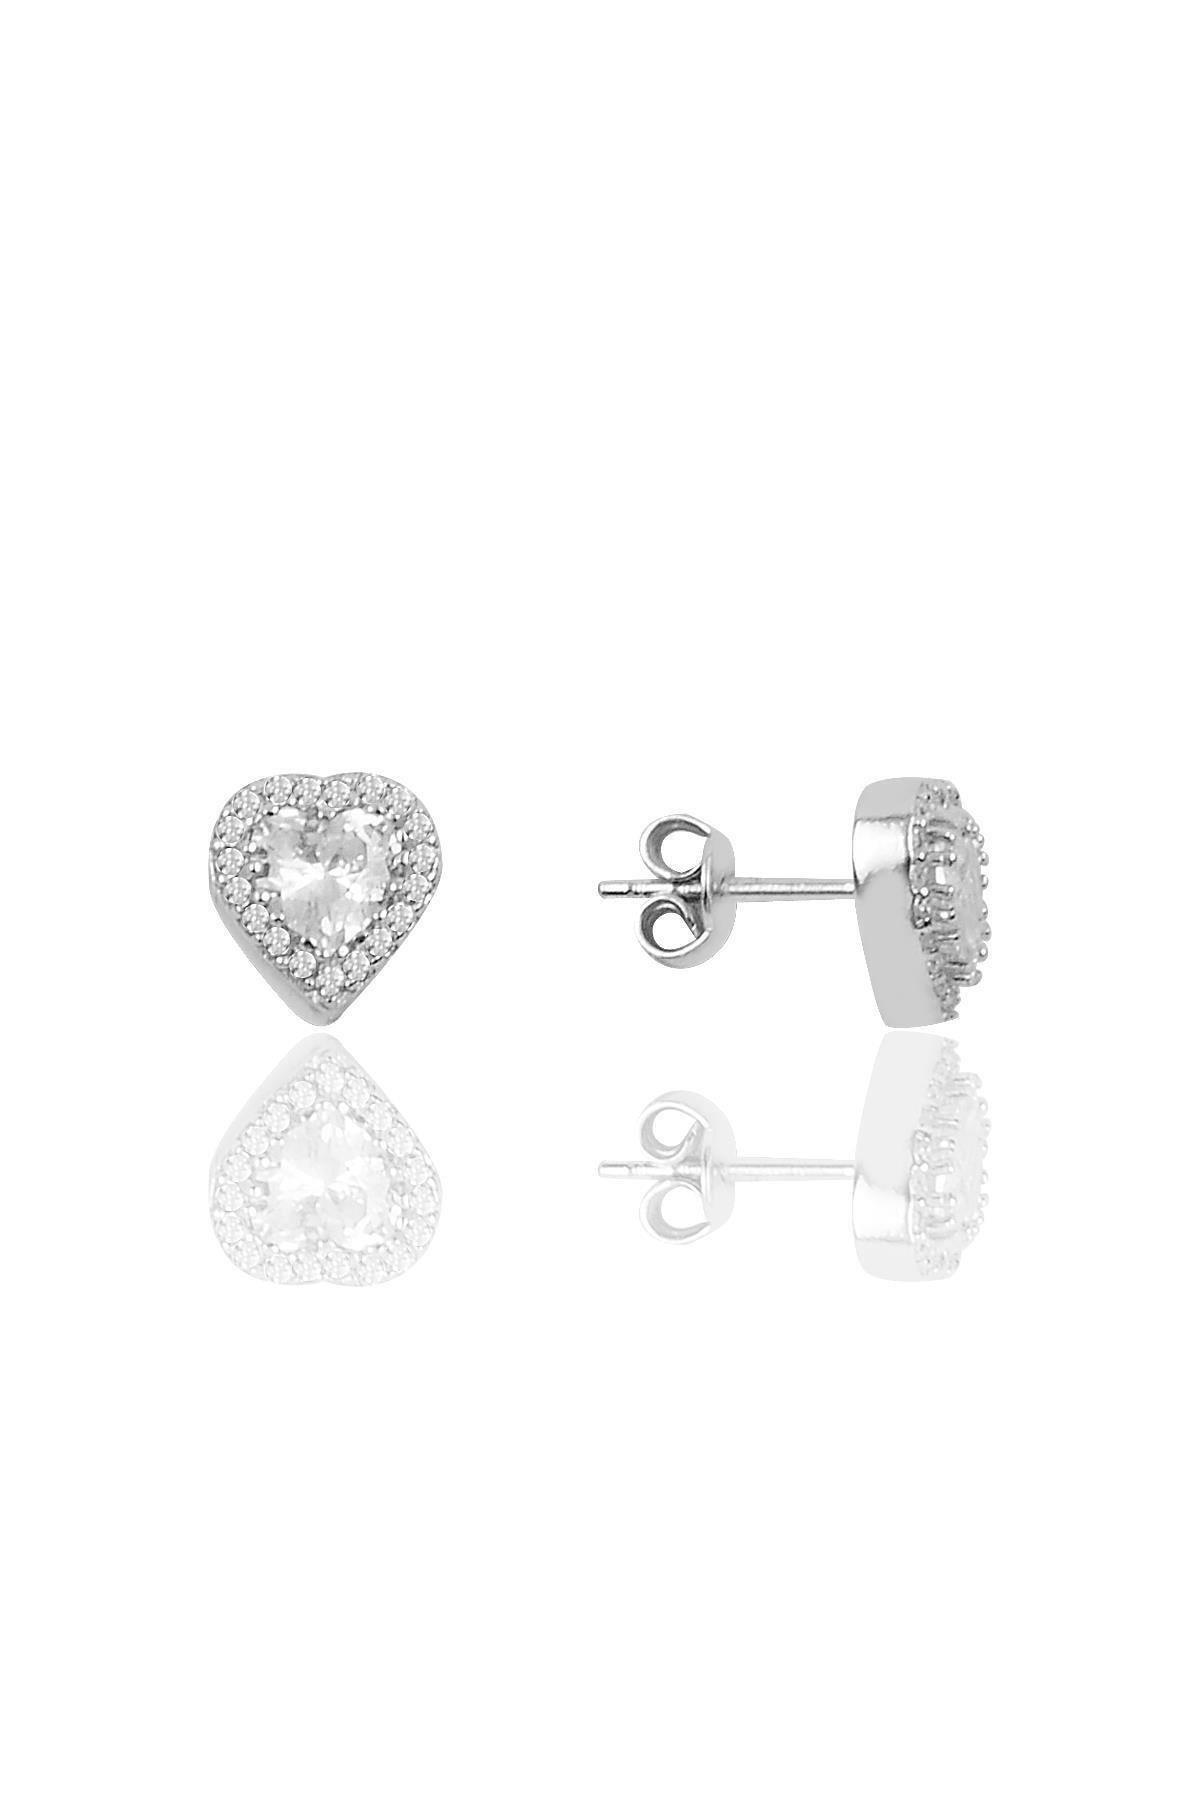 Söğütlü Silver Gümüş Pırlanta Modeli Kalp Küpe 1